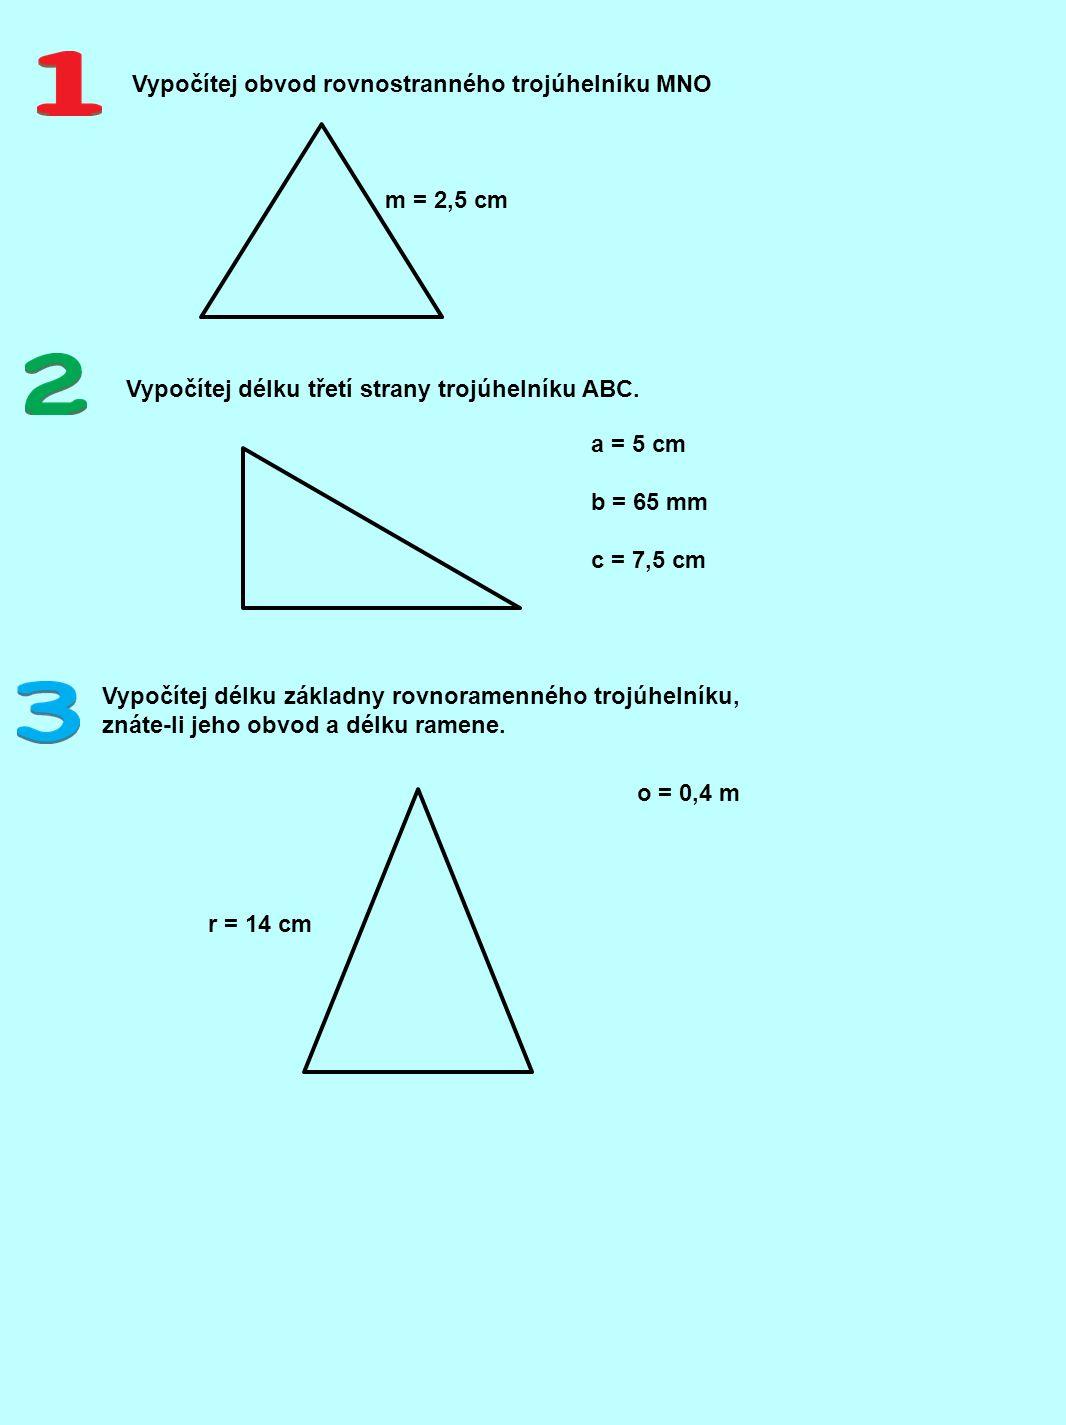 Vypočítej obvod rovnostranného trojúhelníku MNO